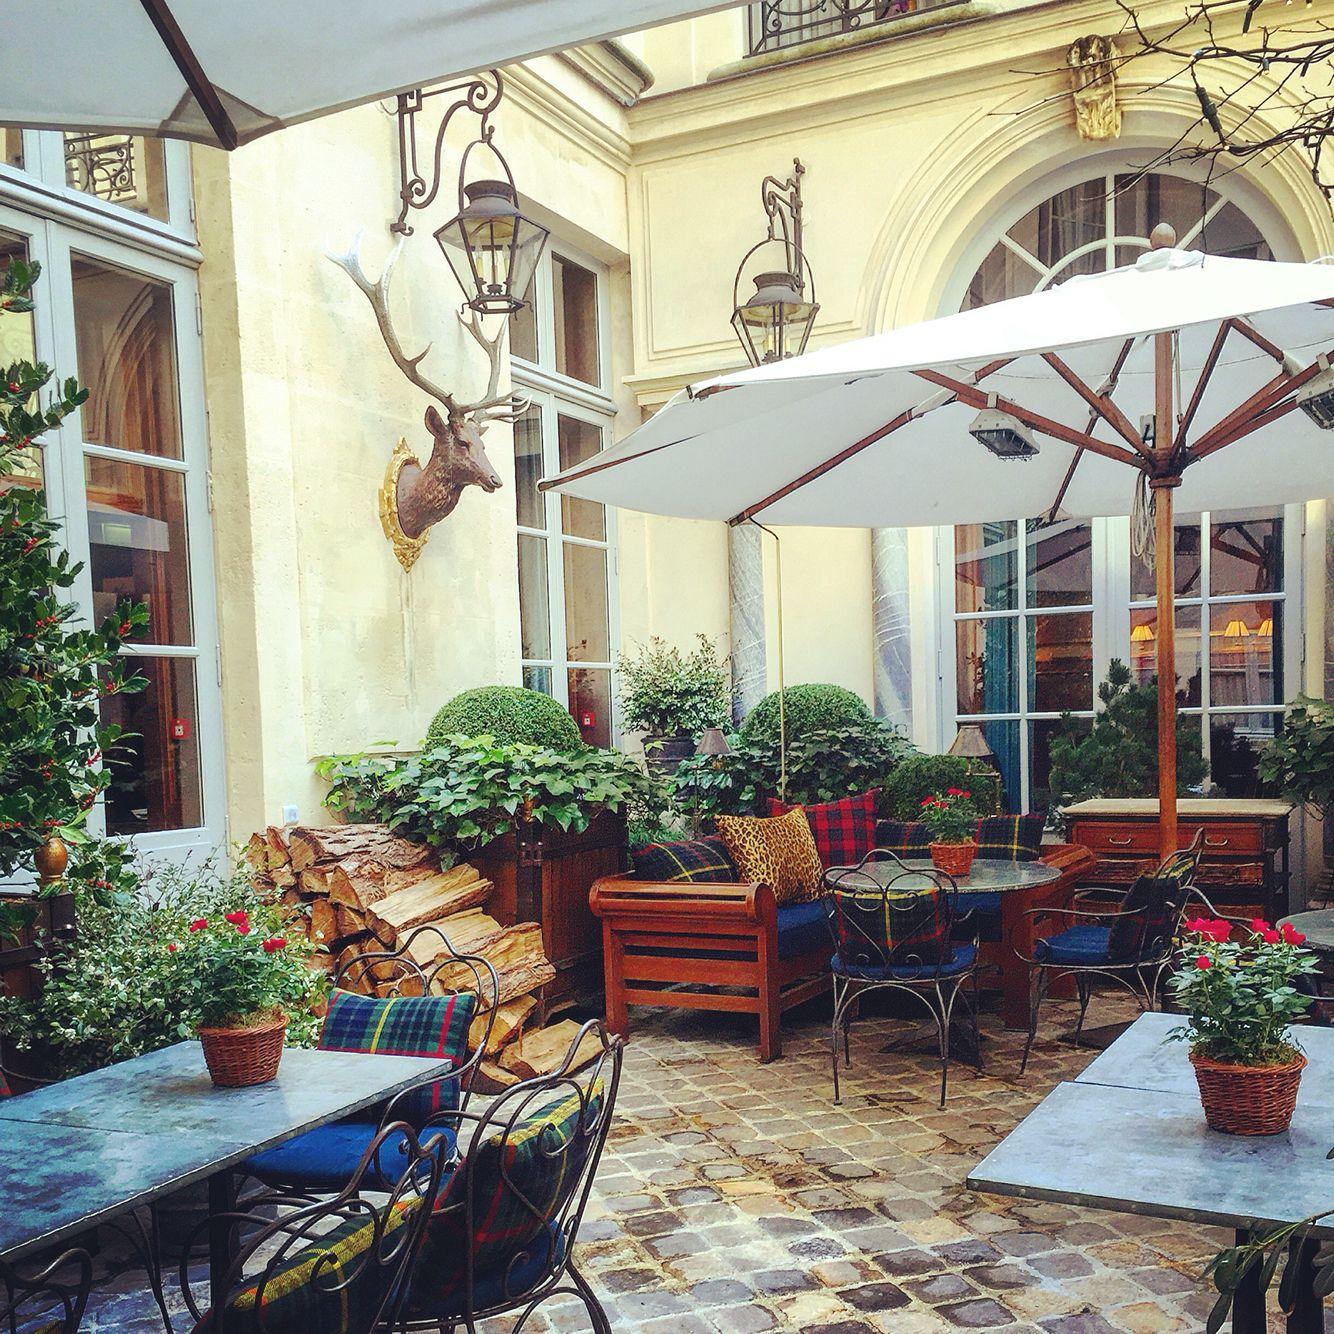 Patio ralph lauren restaurant paris gardens pinterest - Ralph lauren restaurant paris ...